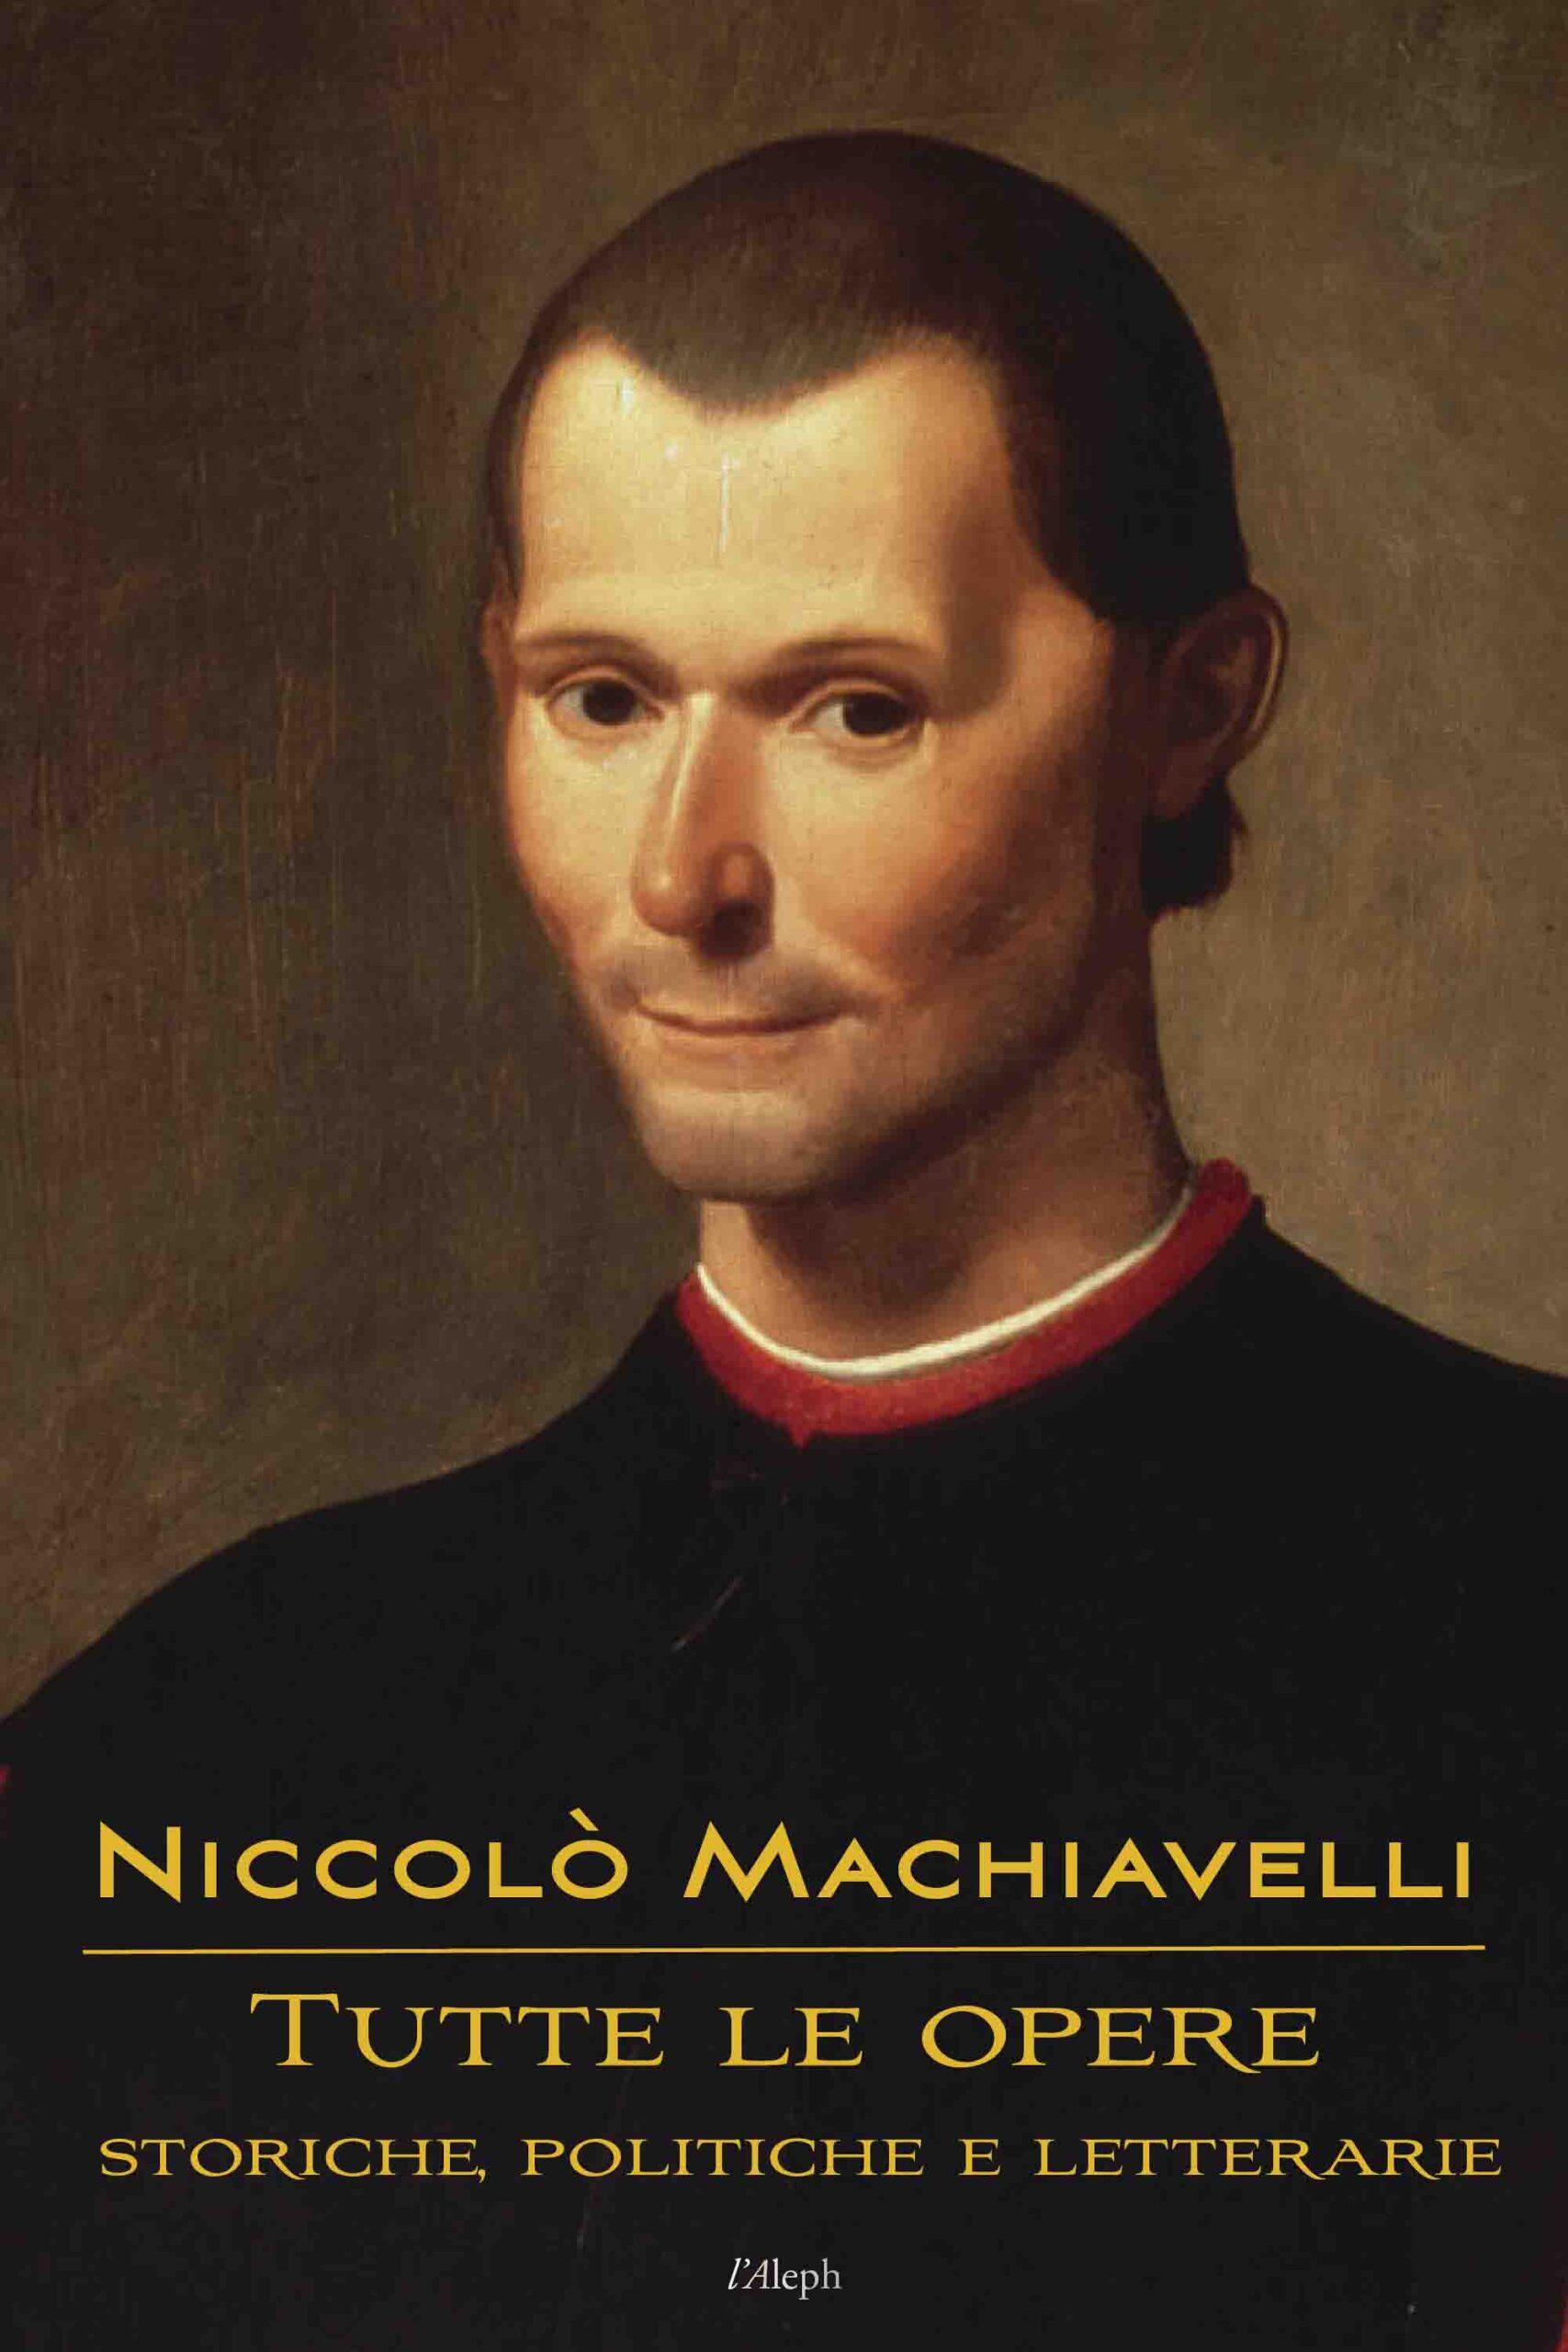 Niccolò Machiavelli: Tutte le opere